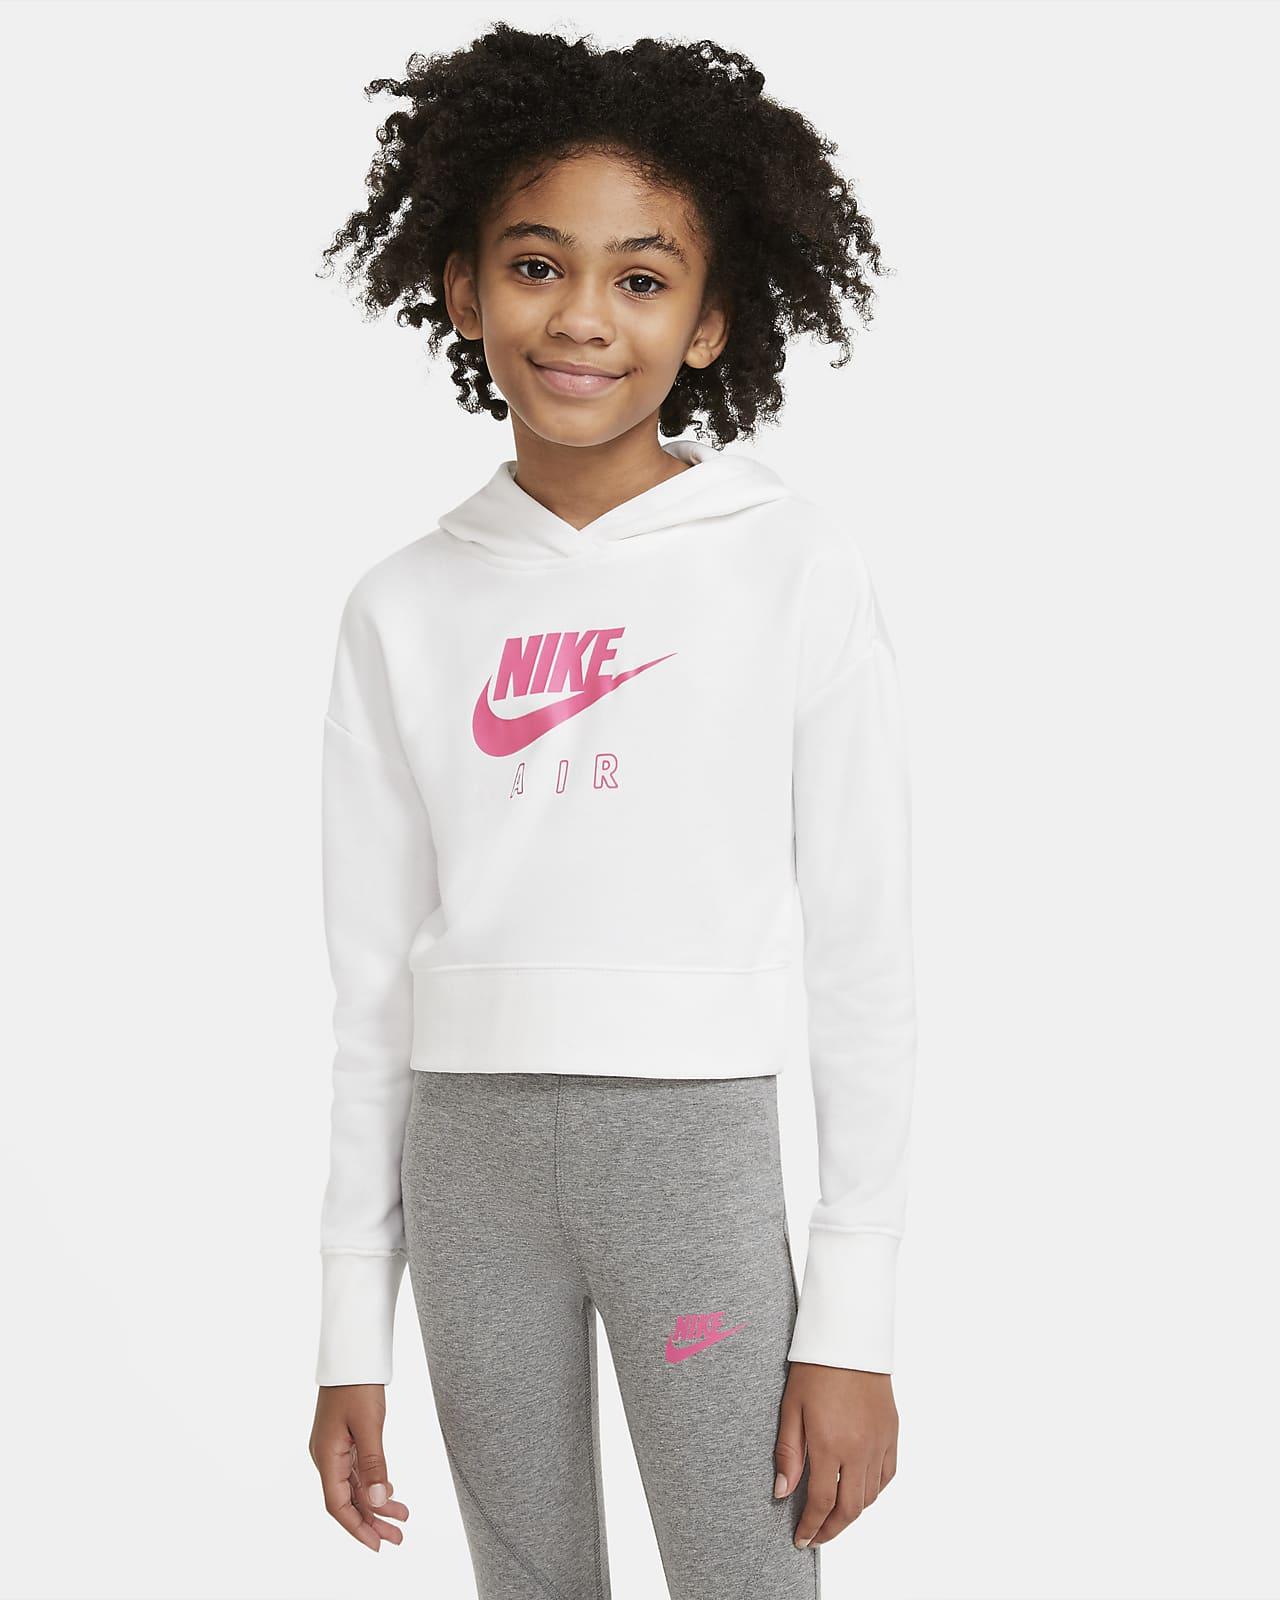 Kort huvtröja Nike Air i frotté för ungdom (tjejer)